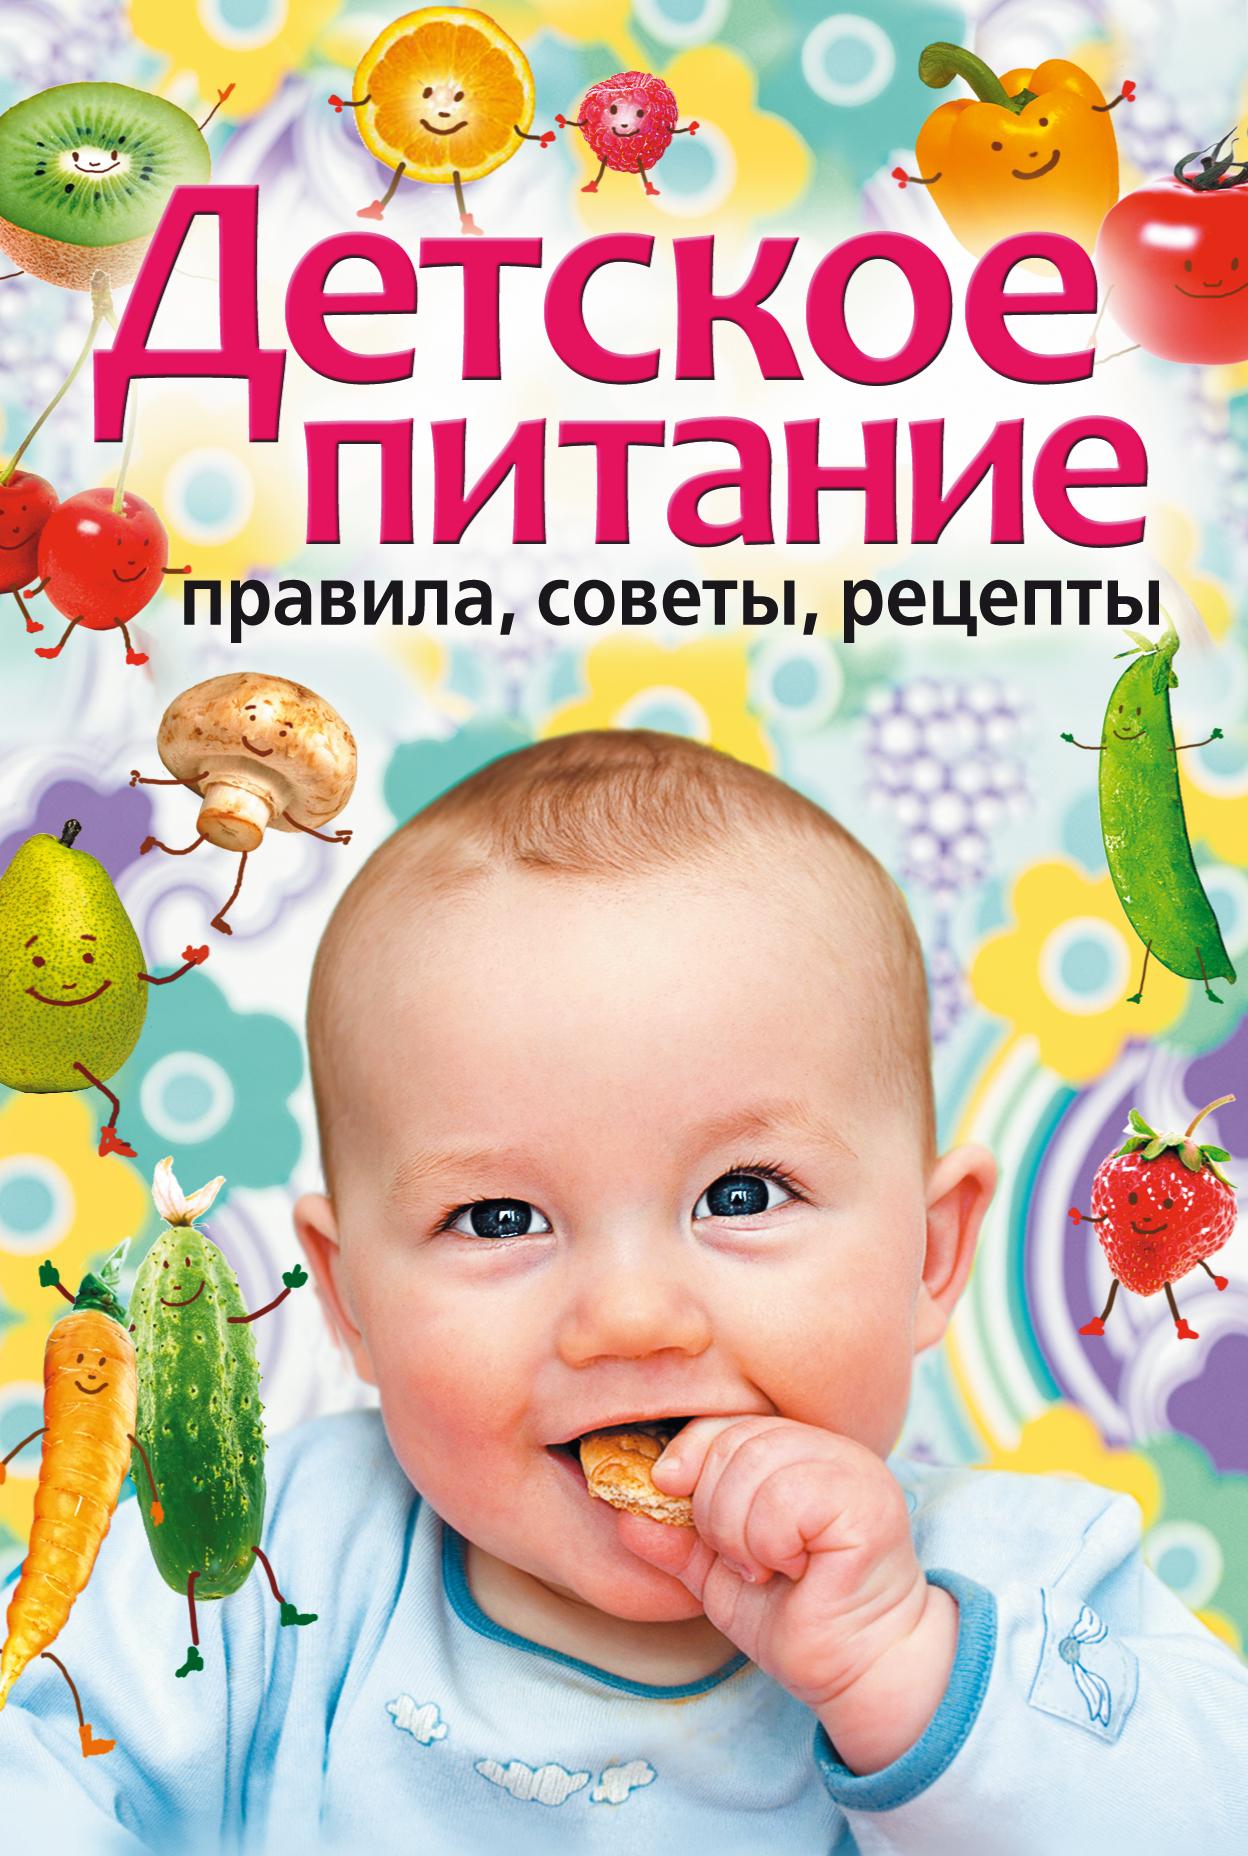 Отсутствует Детское питание. Правила, советы, рецепты